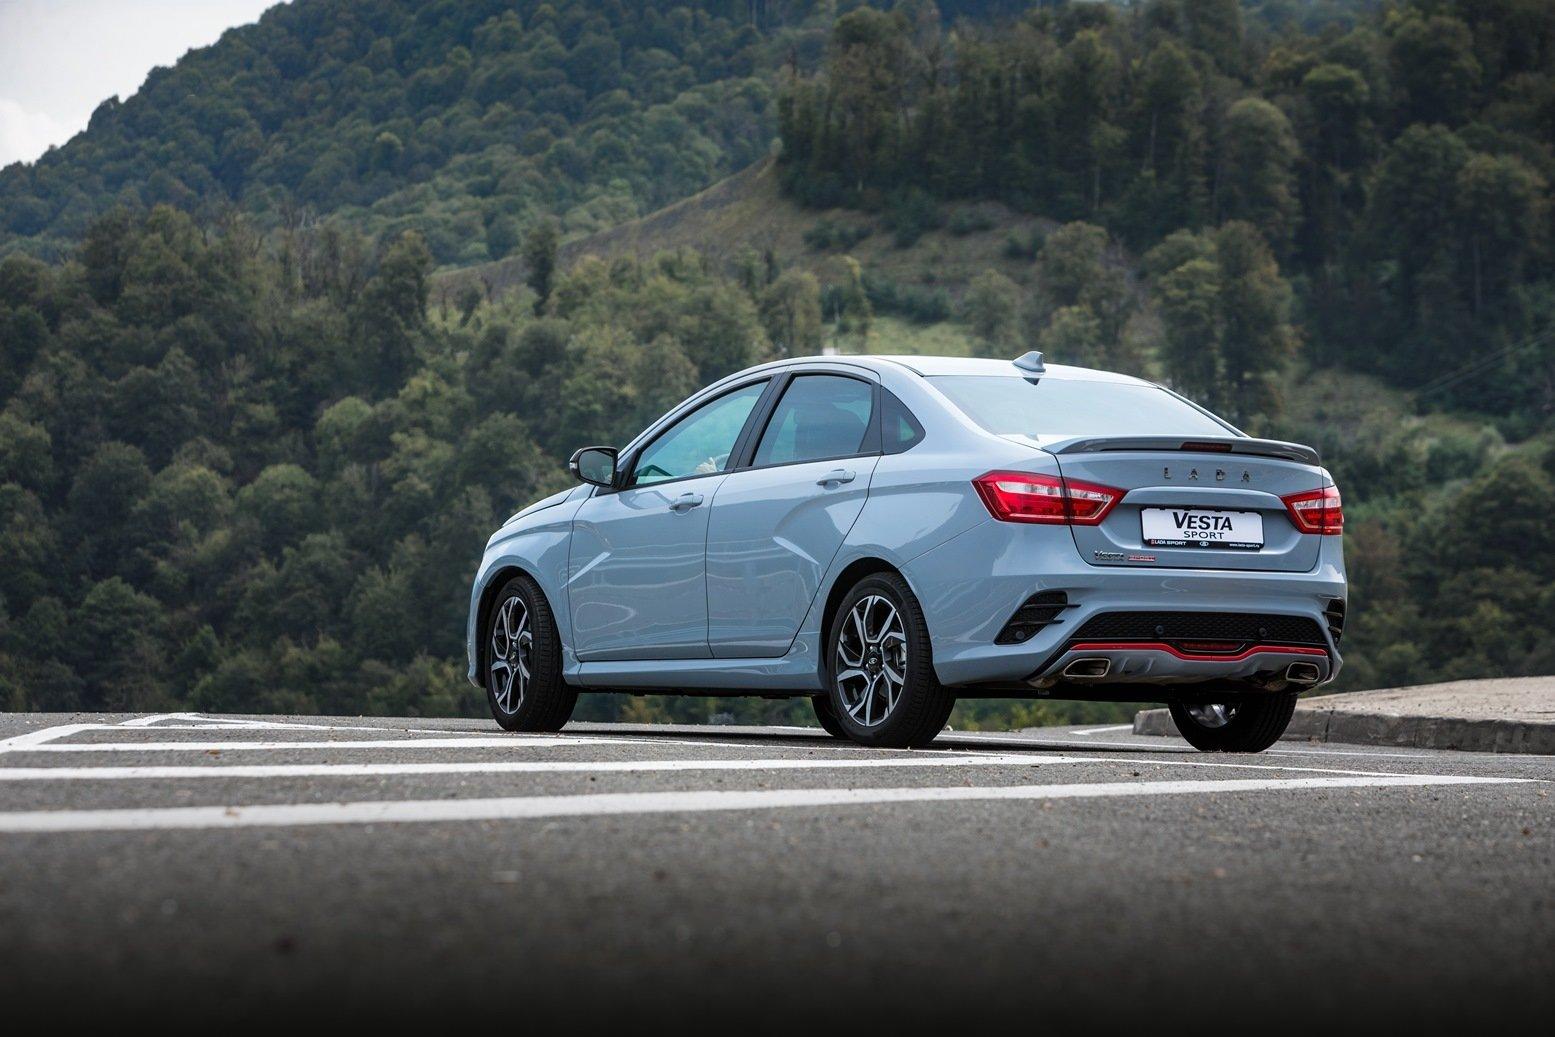 Что лучше: новая «Лада Веста» или подержанный кроссовер Hyundai? Сравнительный тест